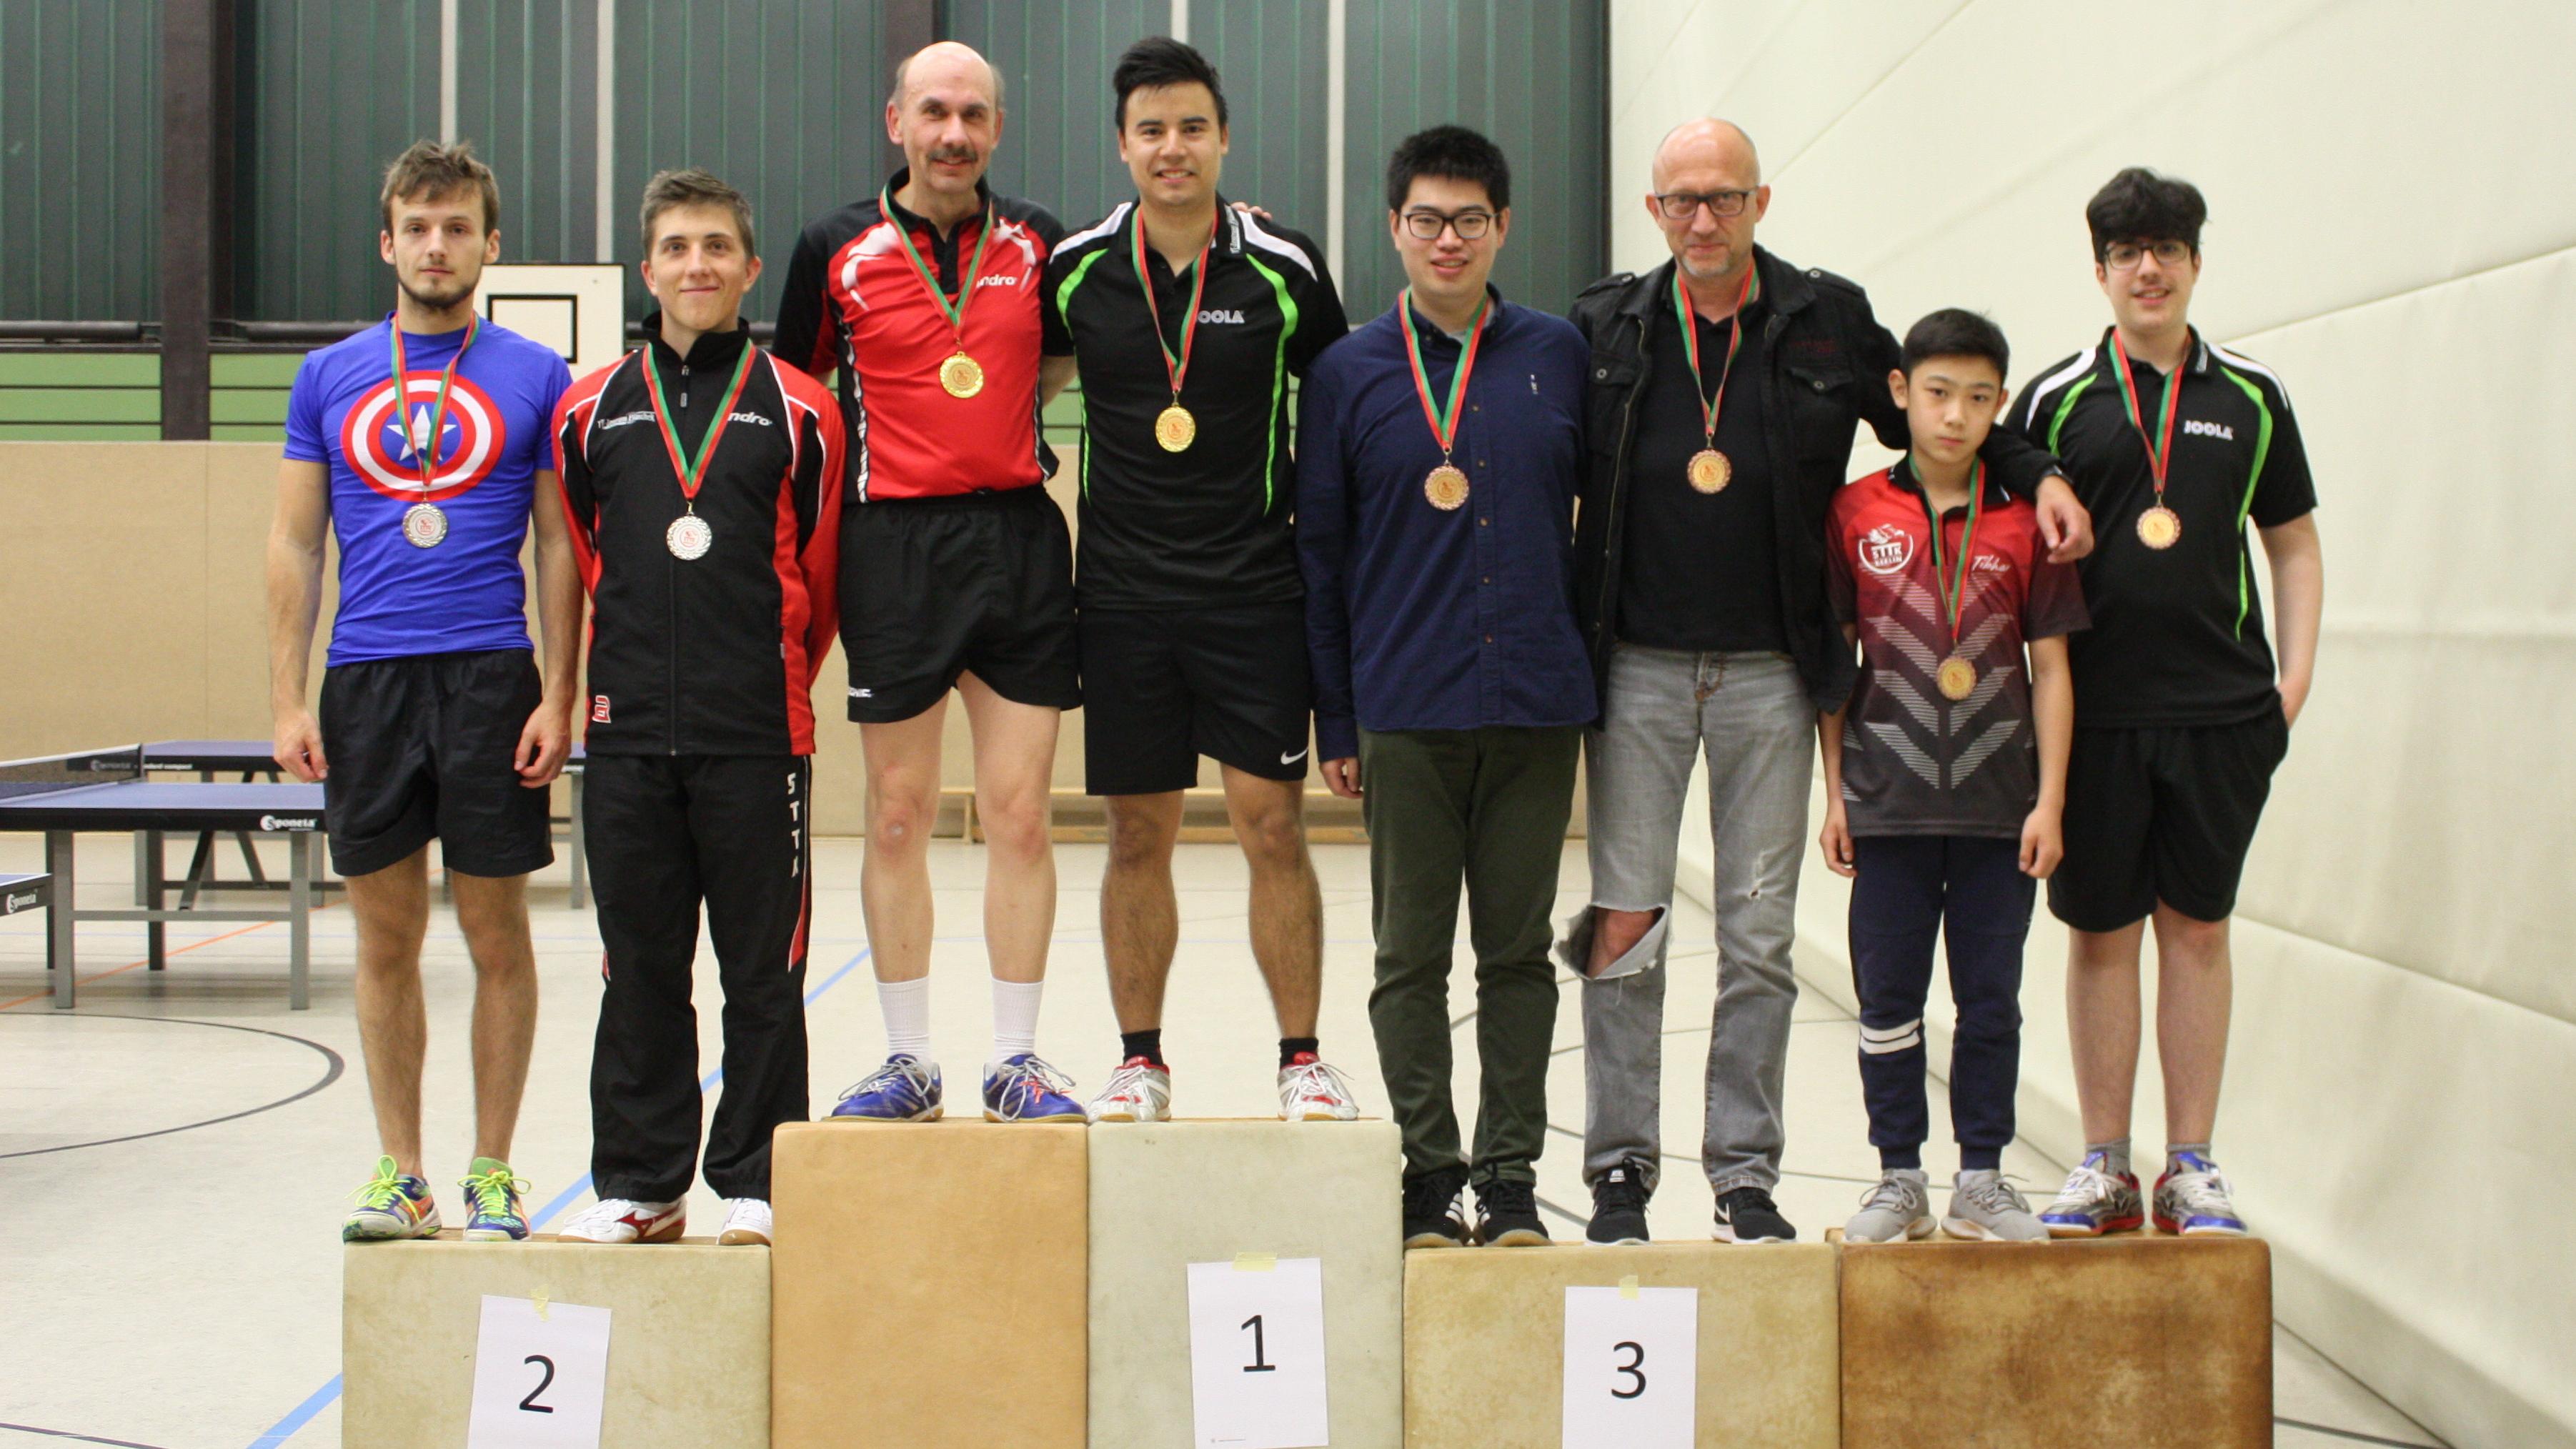 Siegerehrung Doppel Damen/Herren: 1. Martin/Marc, 2. Robin/Mike, 3. Shenjian/Peter und Jiayu/Miguel (rechts)